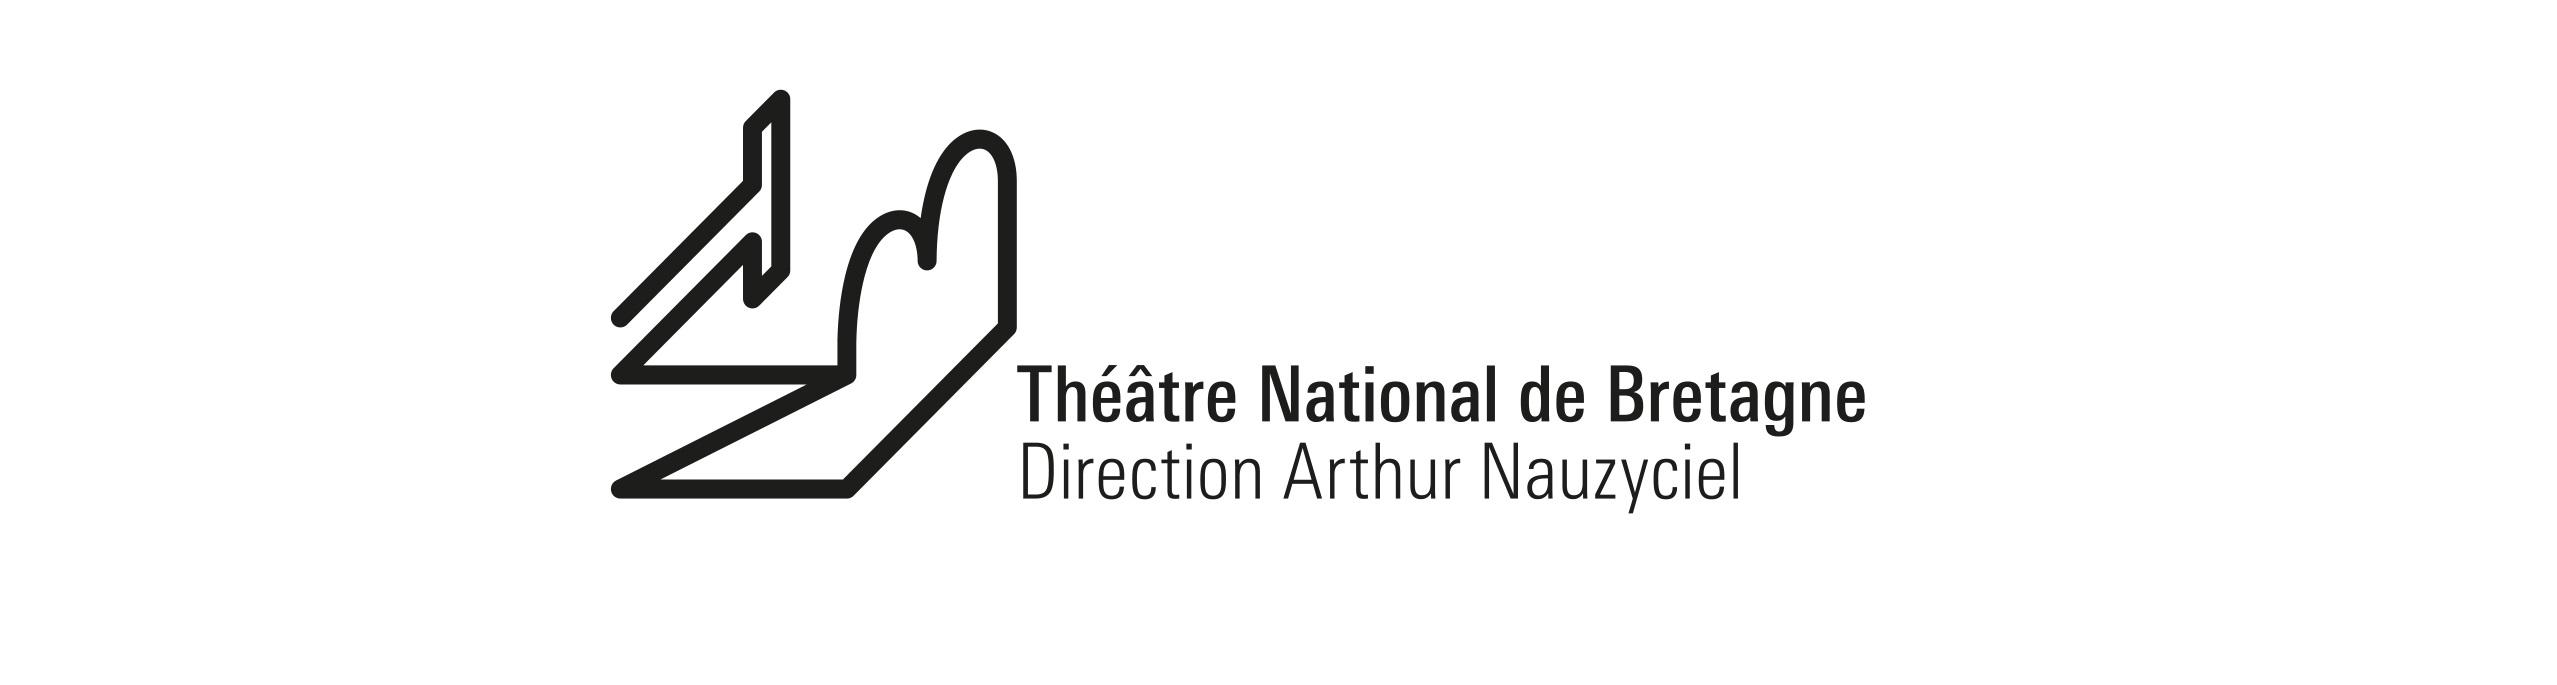 TNB - Théâtre National de Bretagne